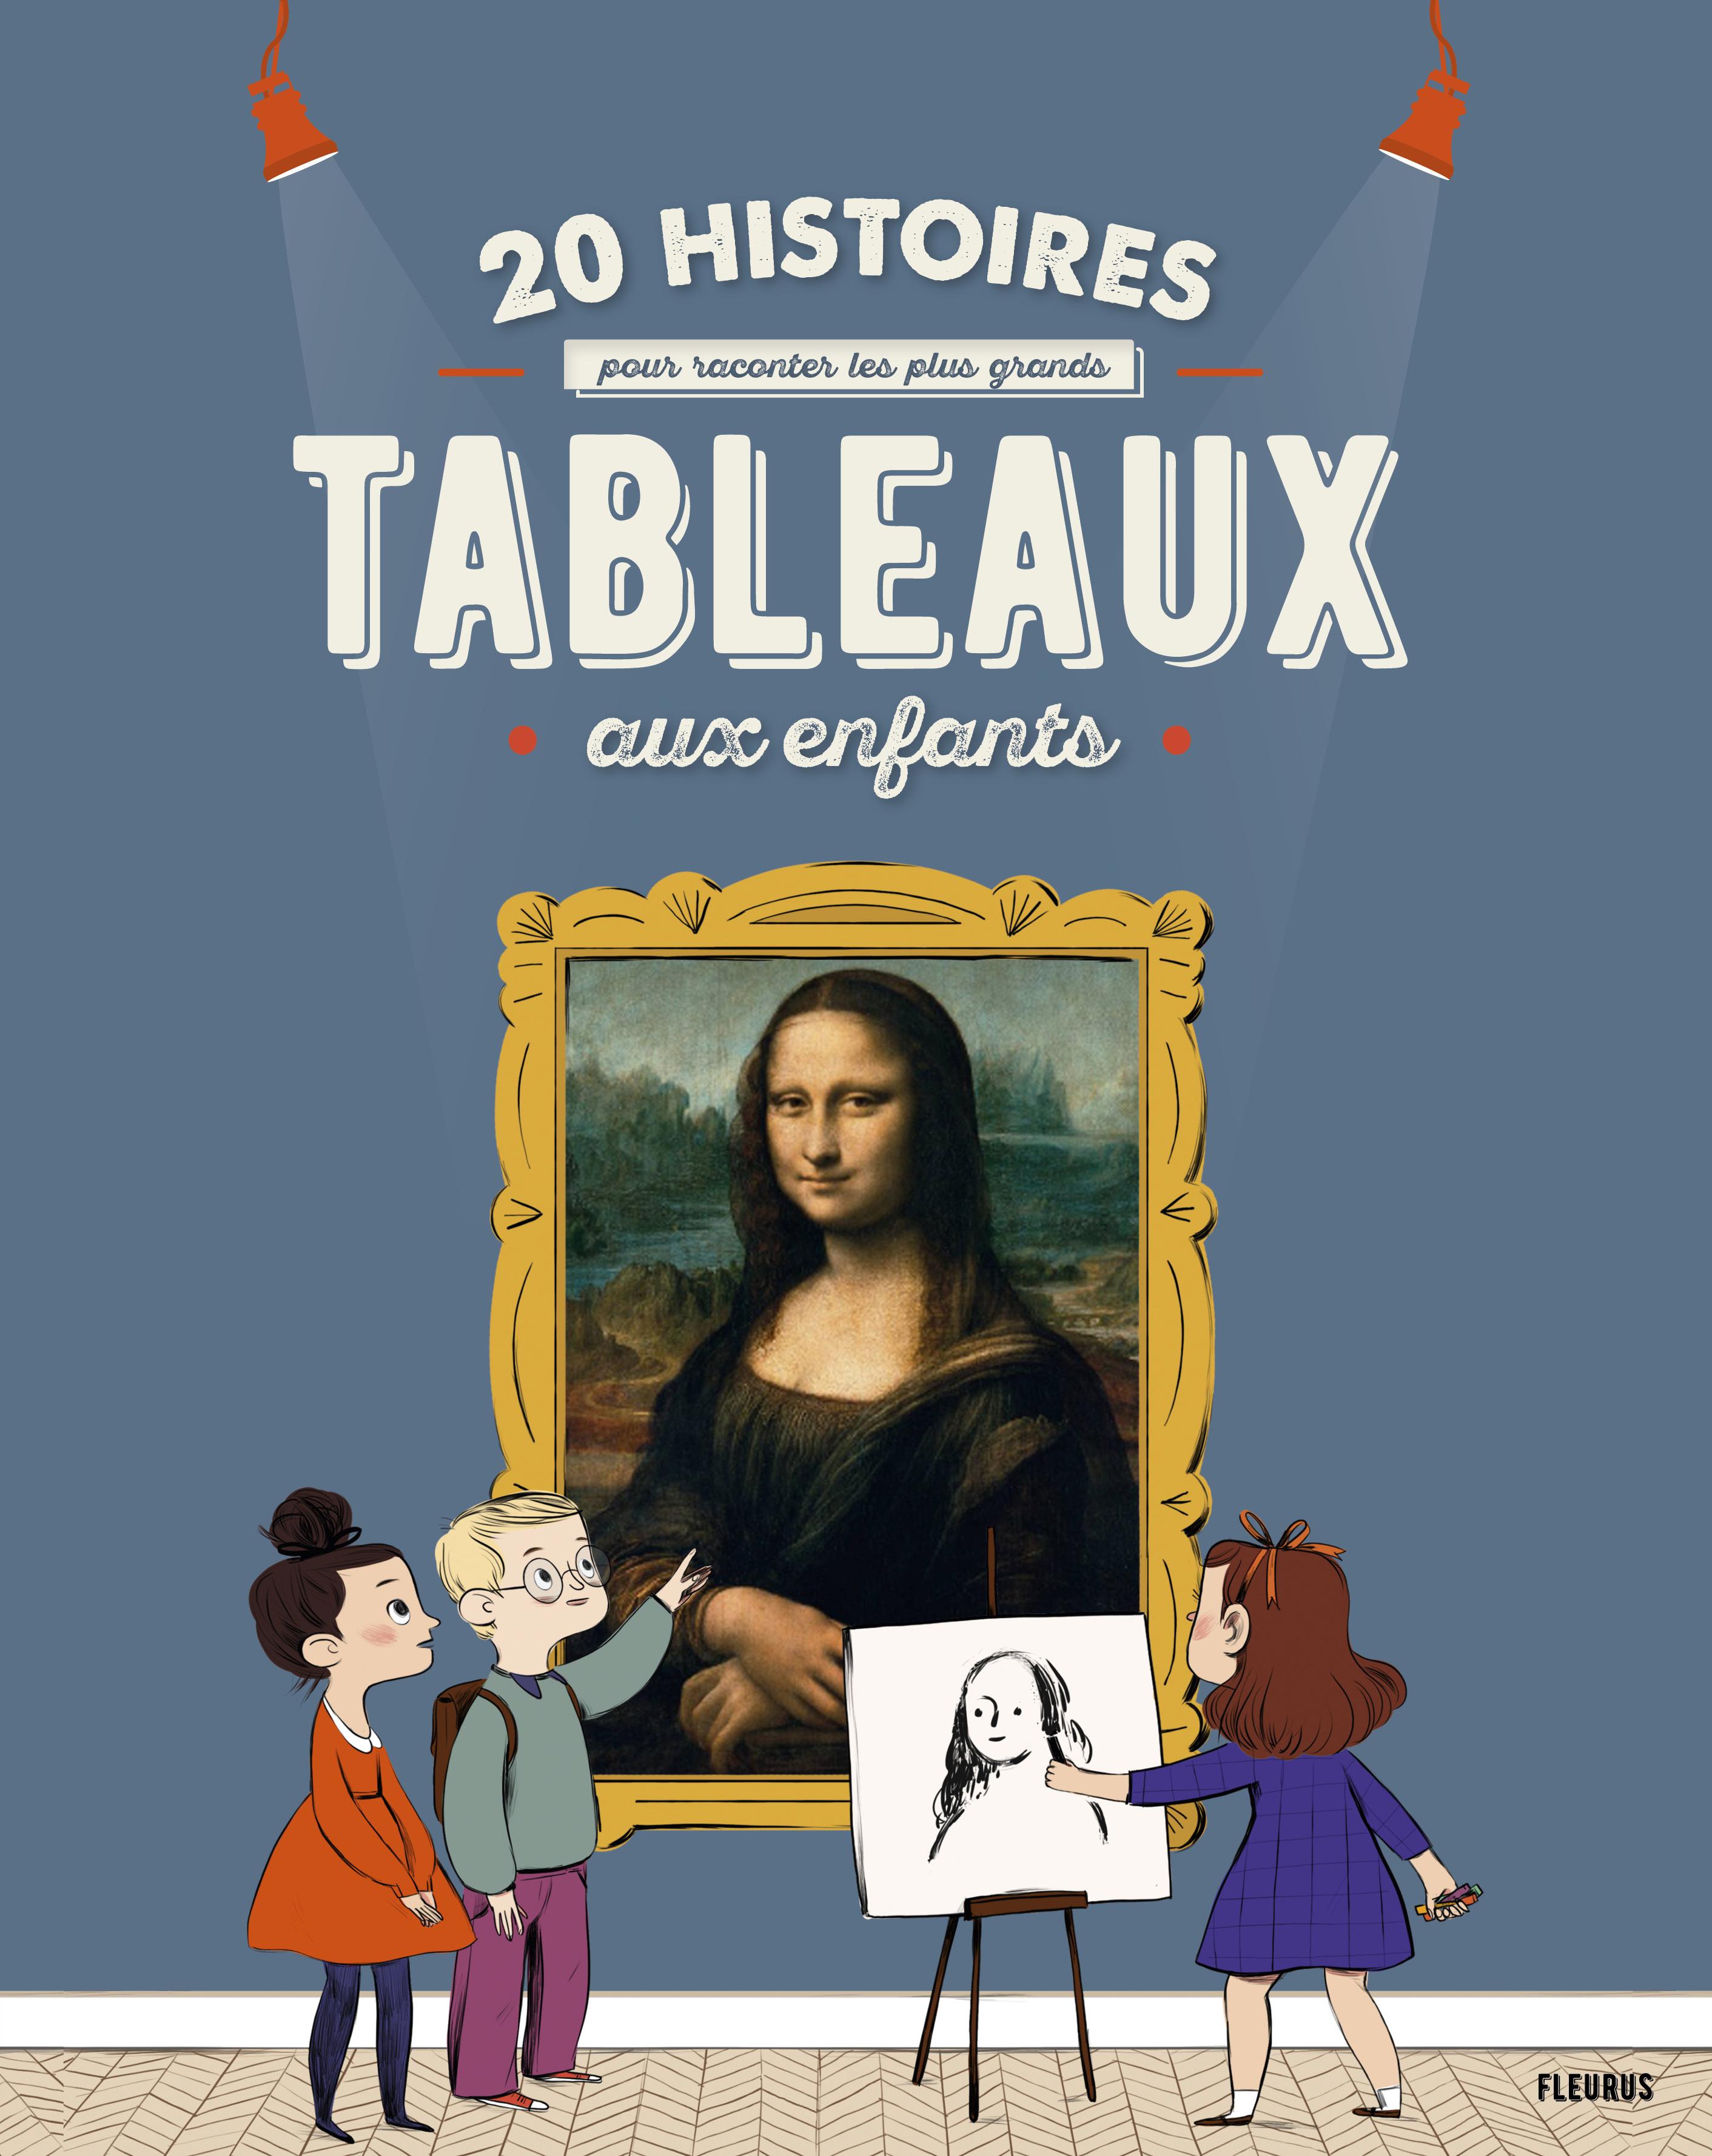 20 HISTOIRES POUR RACONTER LES PLUS GRANDS TABLEAUX AUX ENFANTS